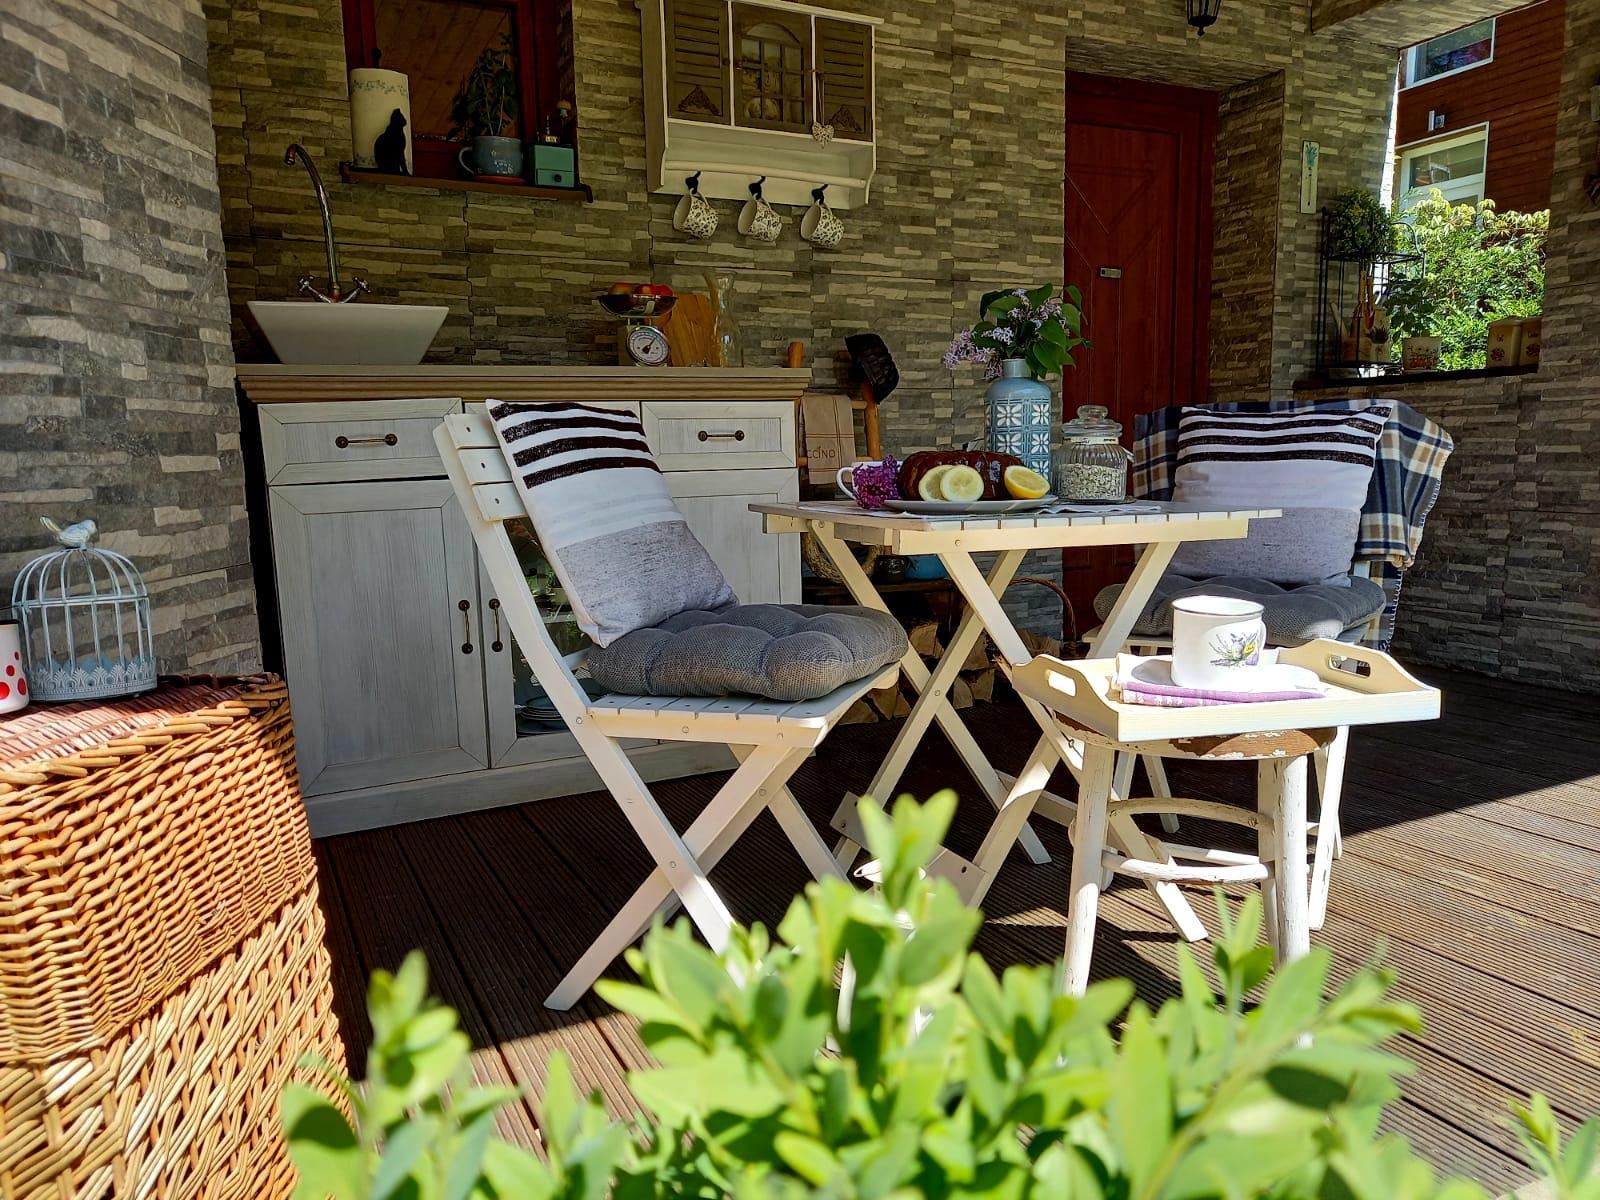 Môj malý kúsok raja😊 - Mini záhradná kuchynka. V lete chládok v spoločnosti mätovo-medovkovej limonády🥤, na jeseň zase príjemné závetrie s horúcou čokoládou☕